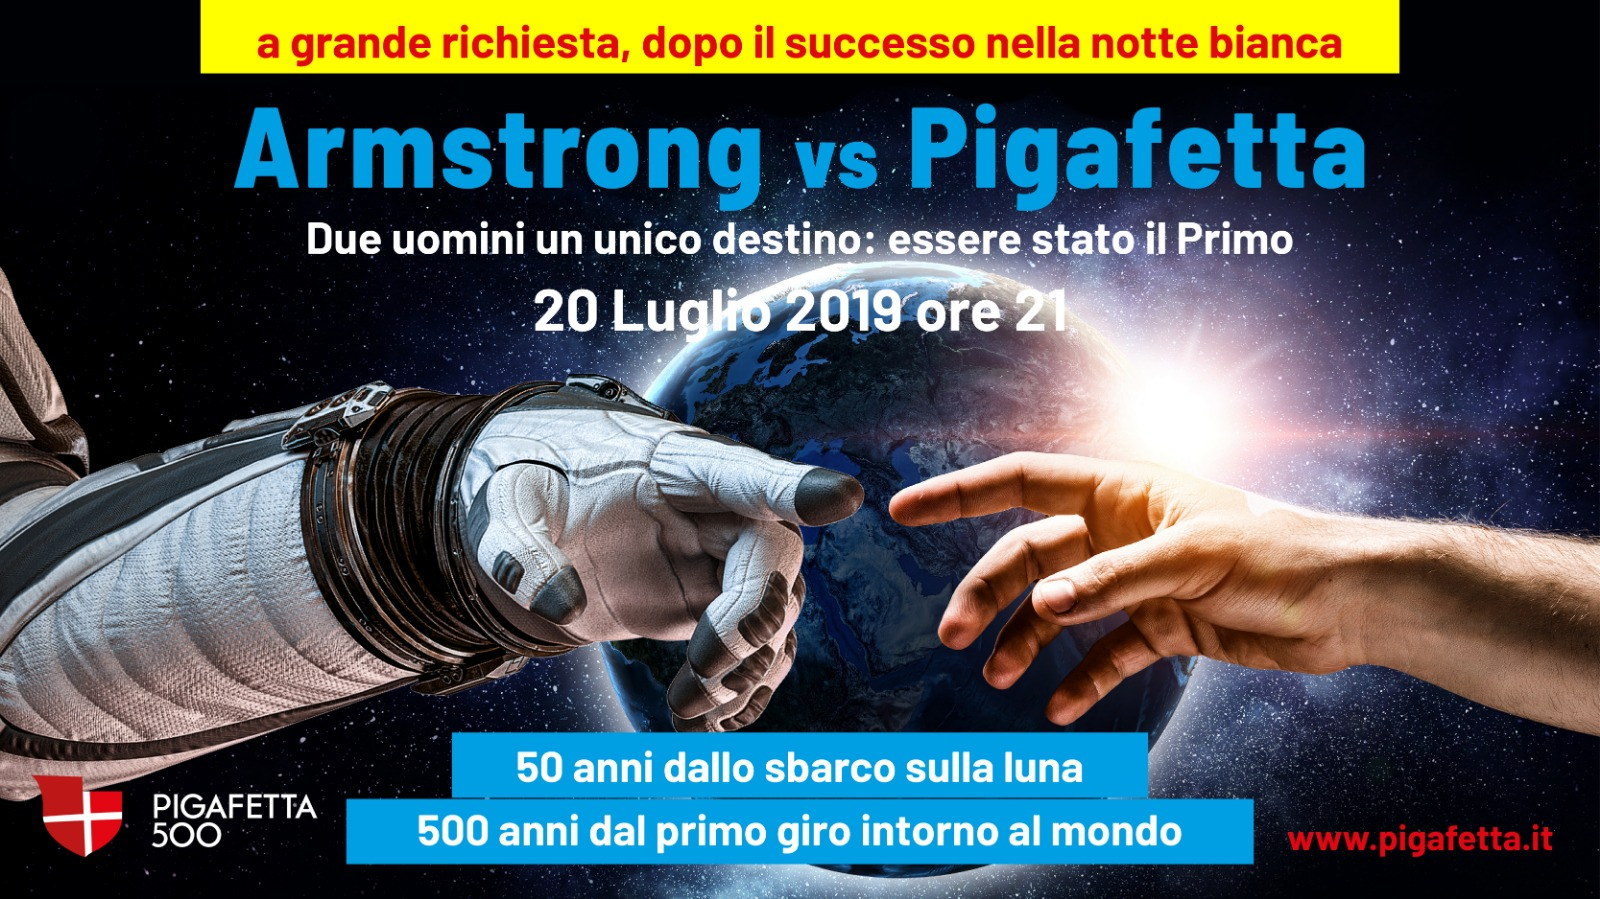 Armstrong vs Pigafetta, due uomini un unico destino | TViWeb